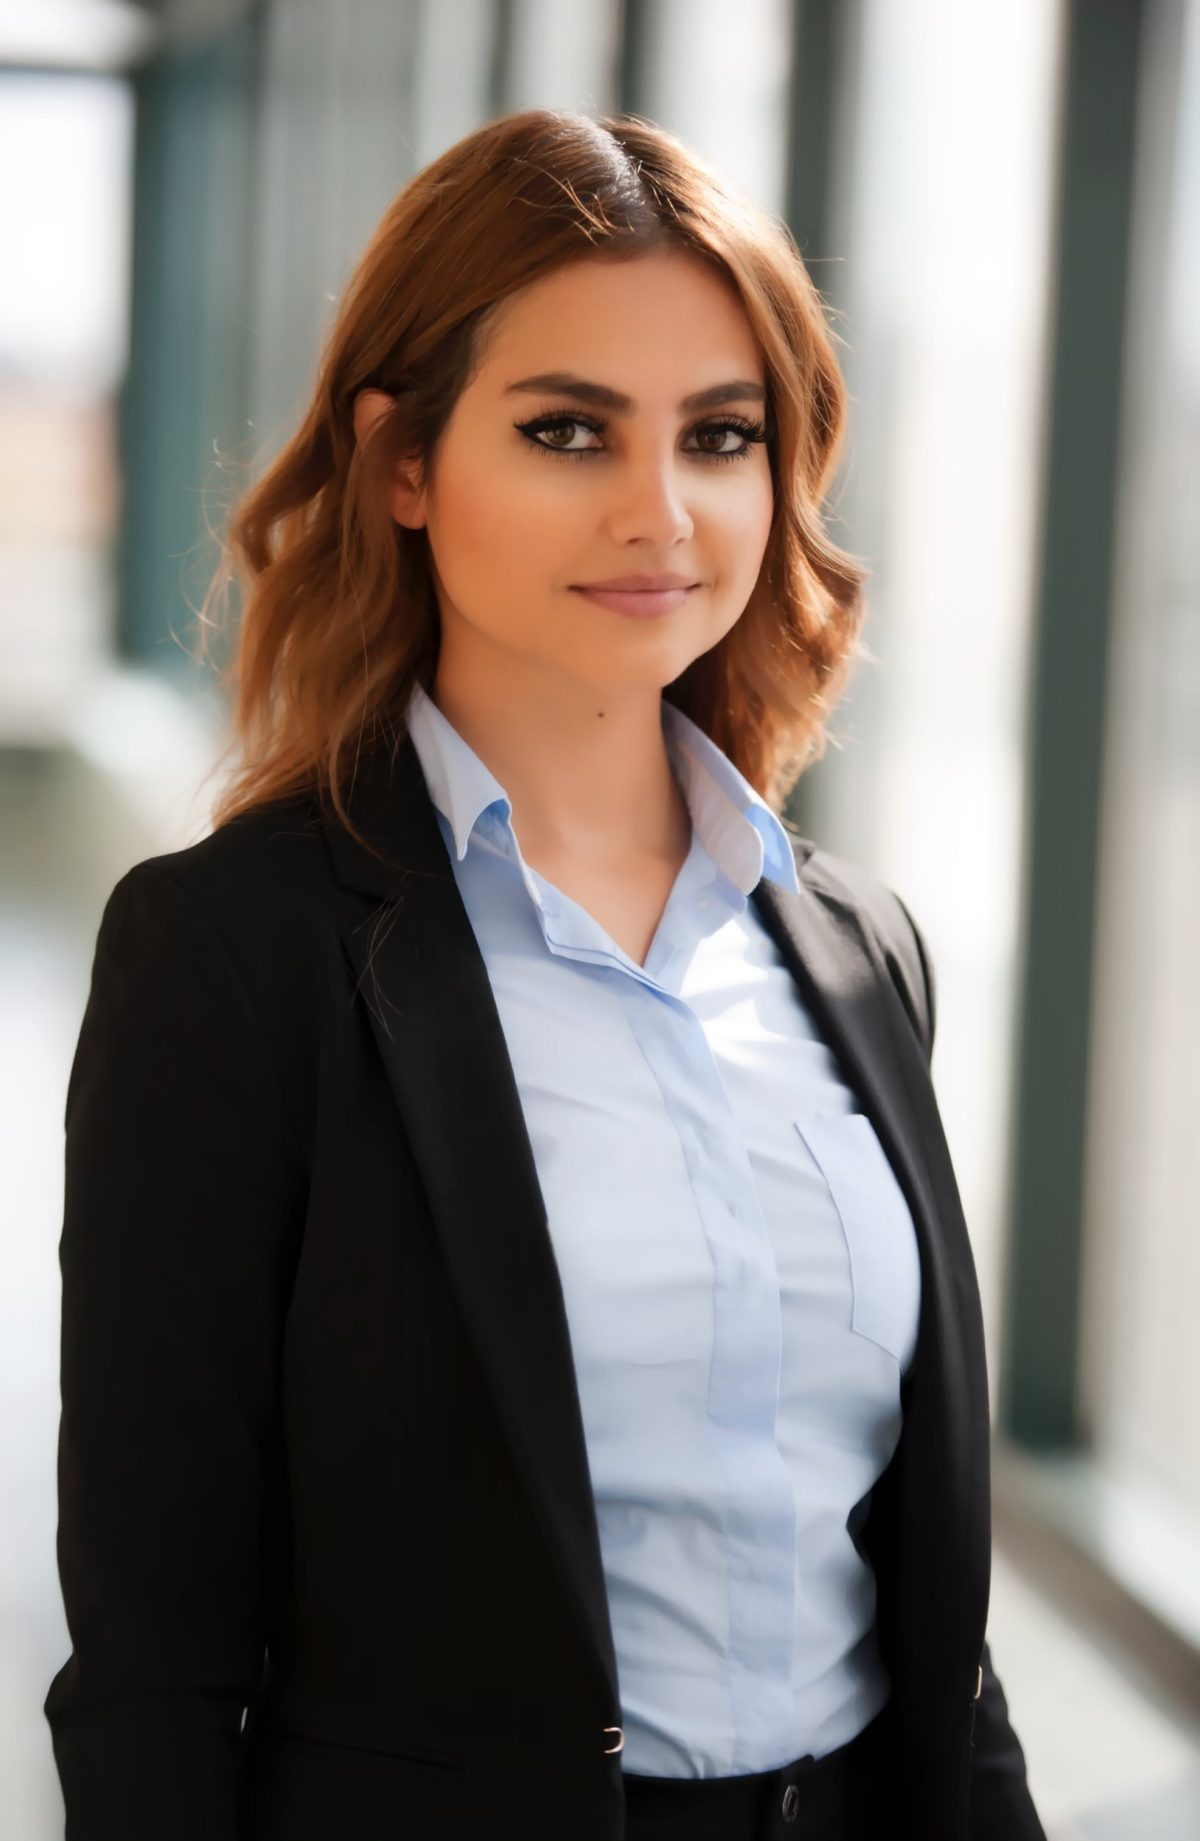 Yalda Aslamzada